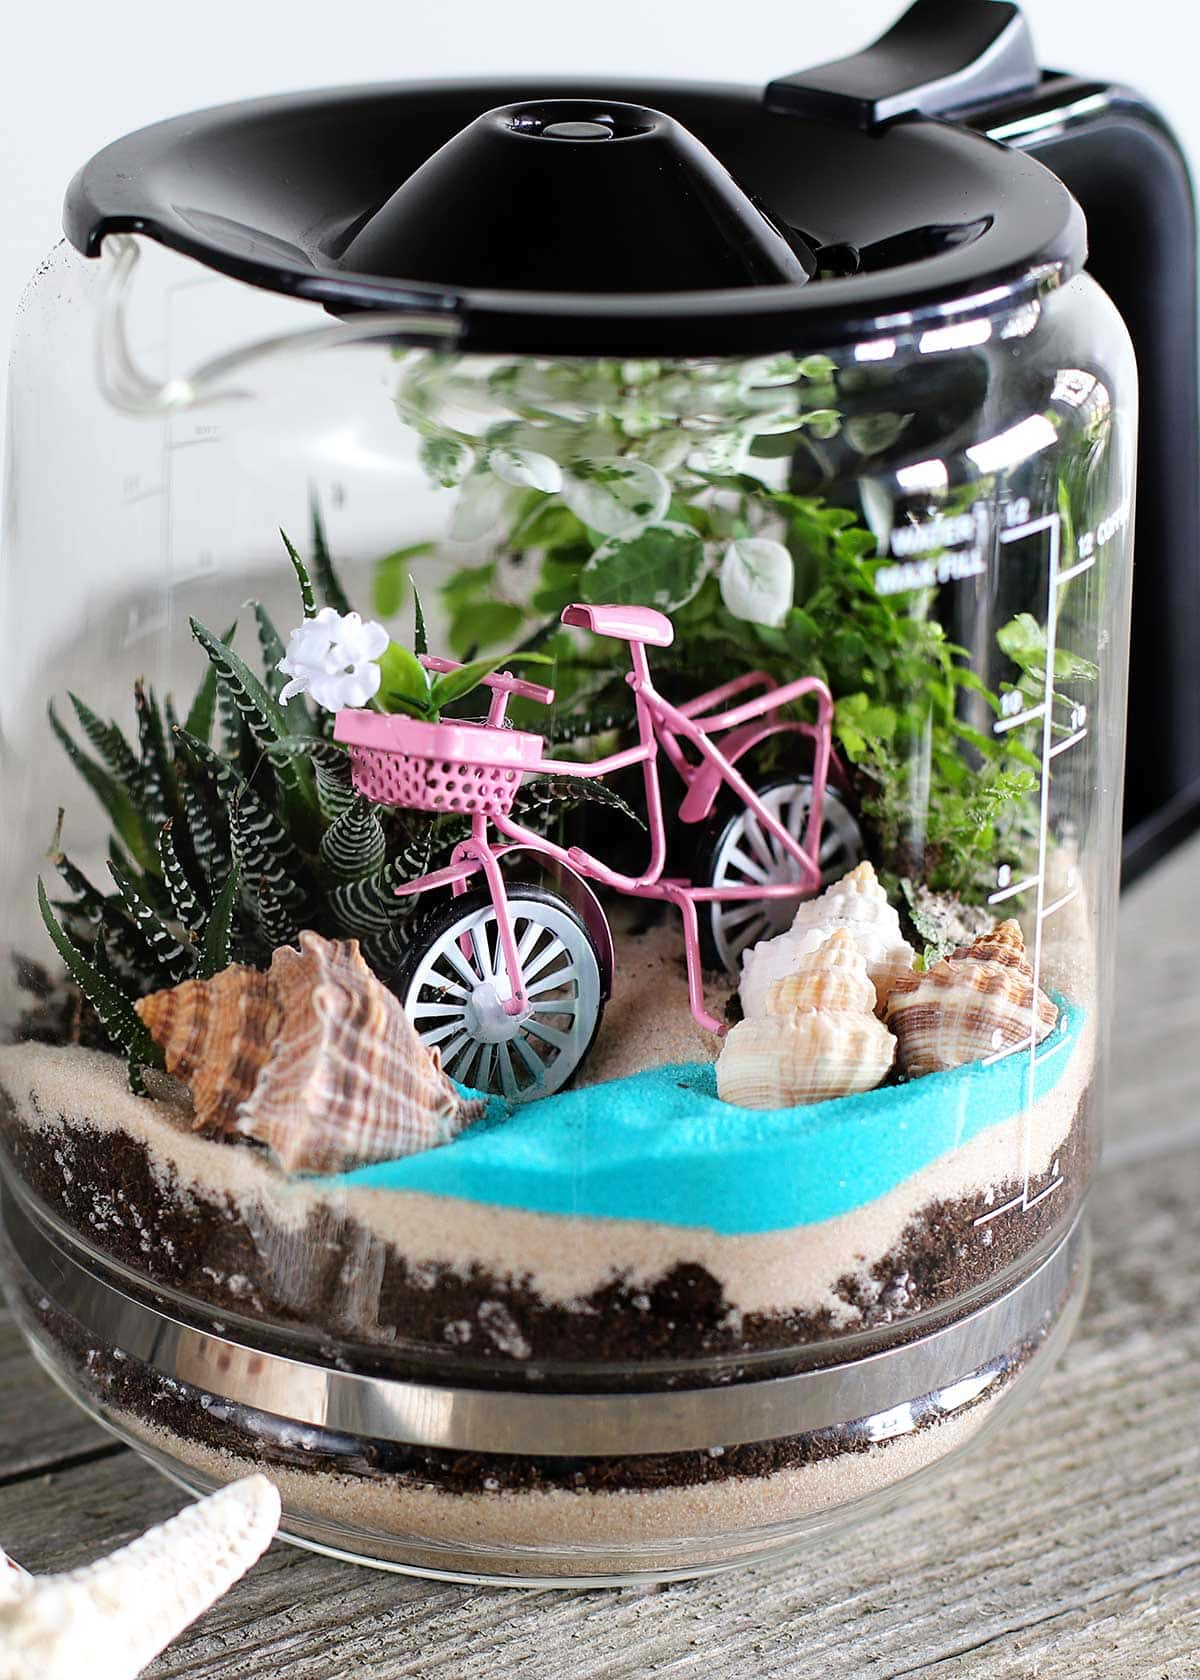 DIY terrarium in a glass coffee pot